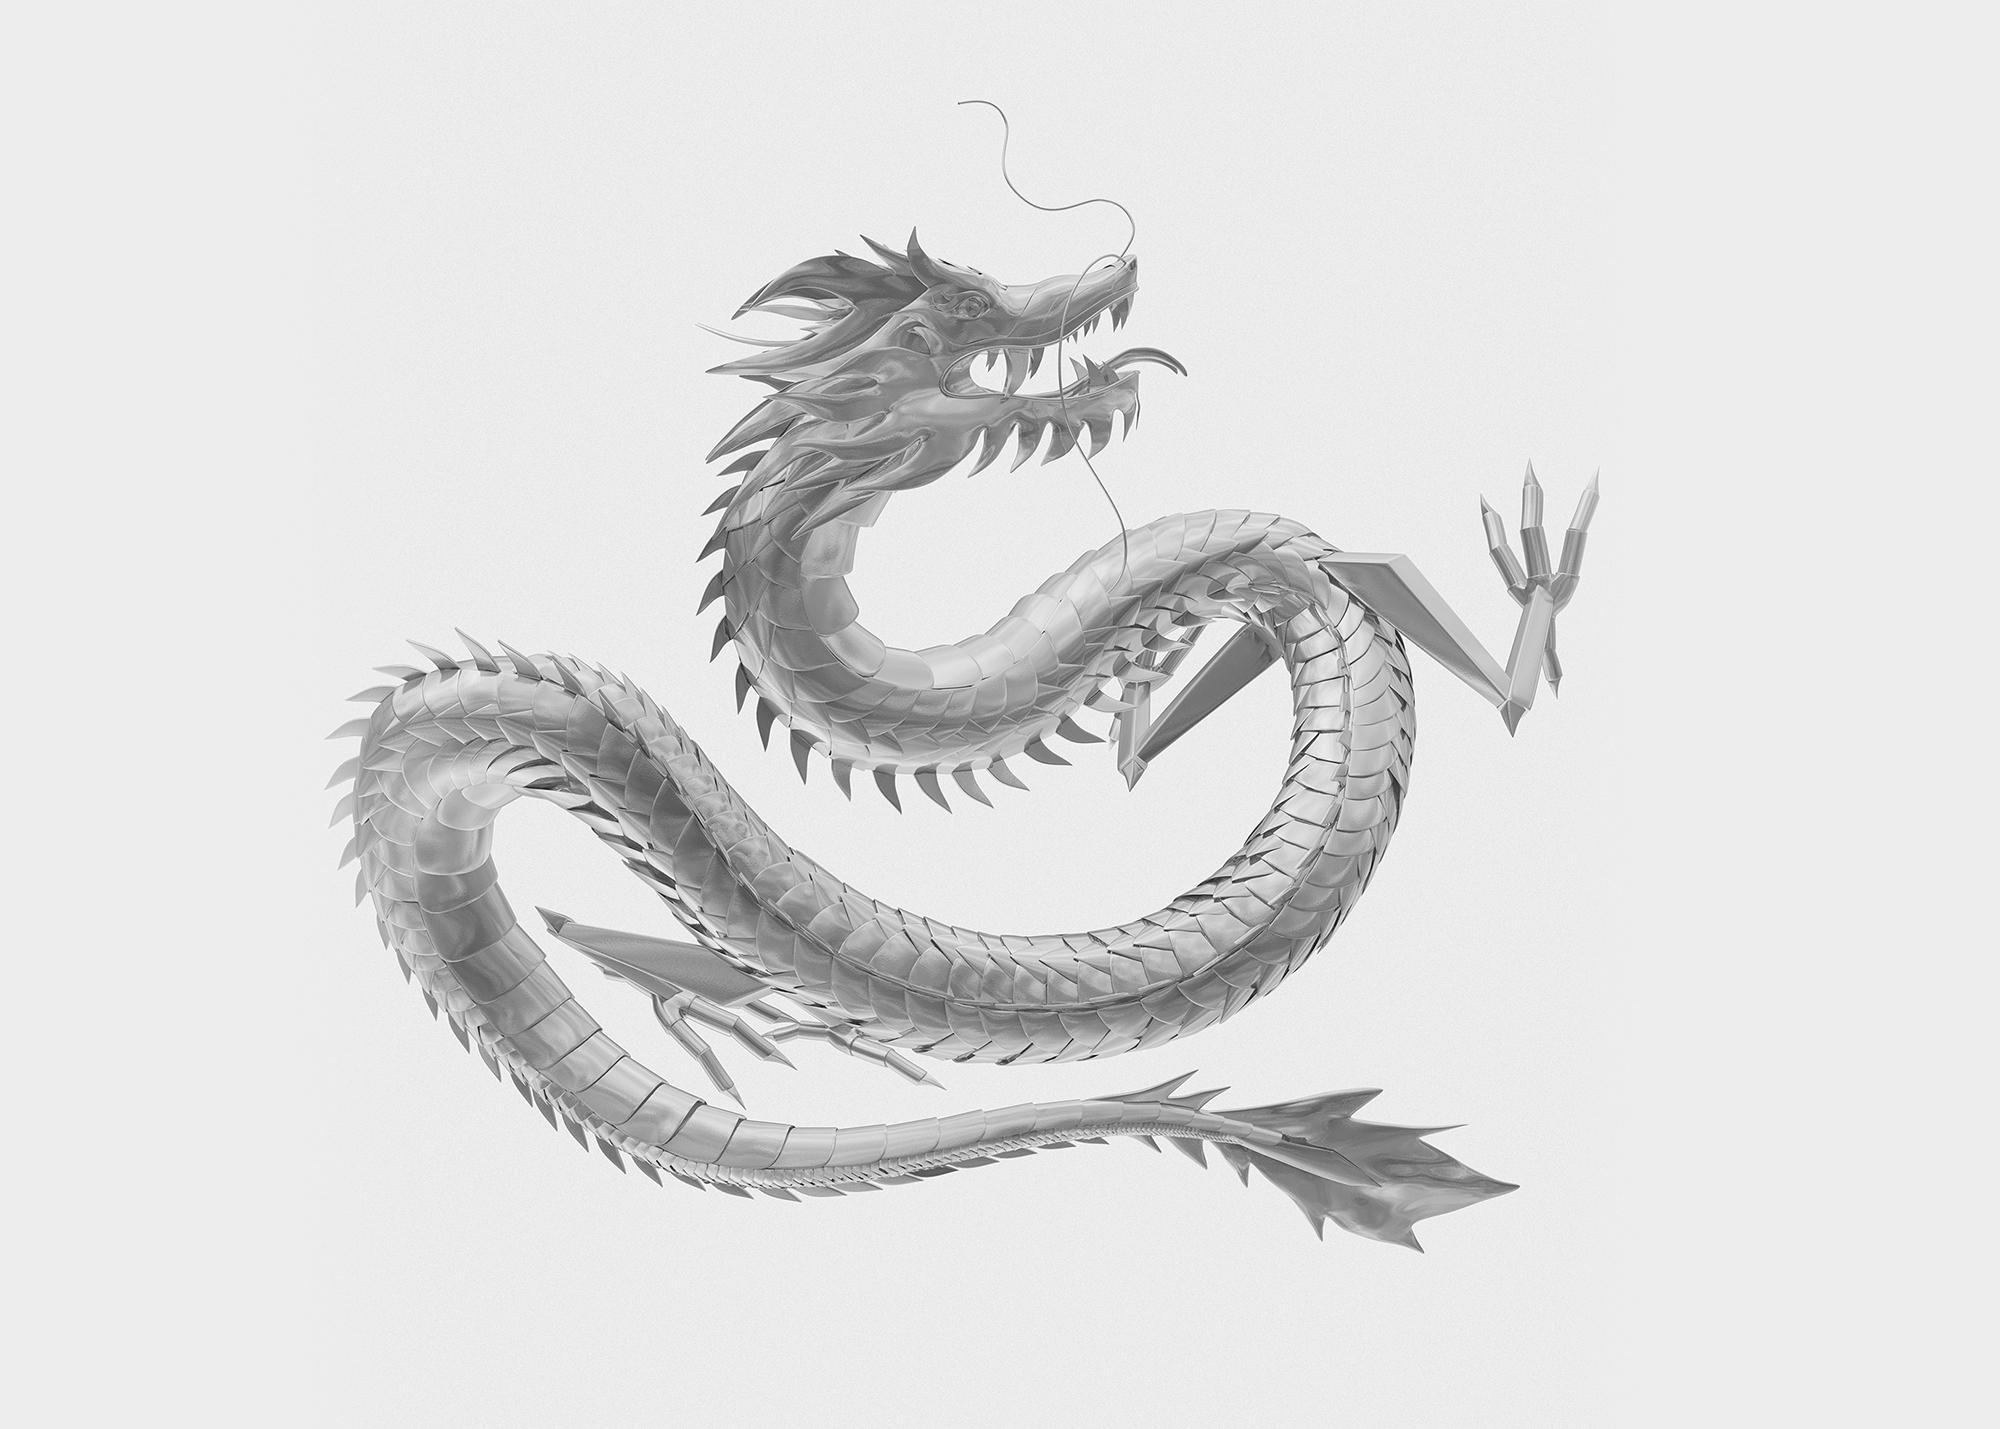 dragon 3d- rong viet nam-bratus